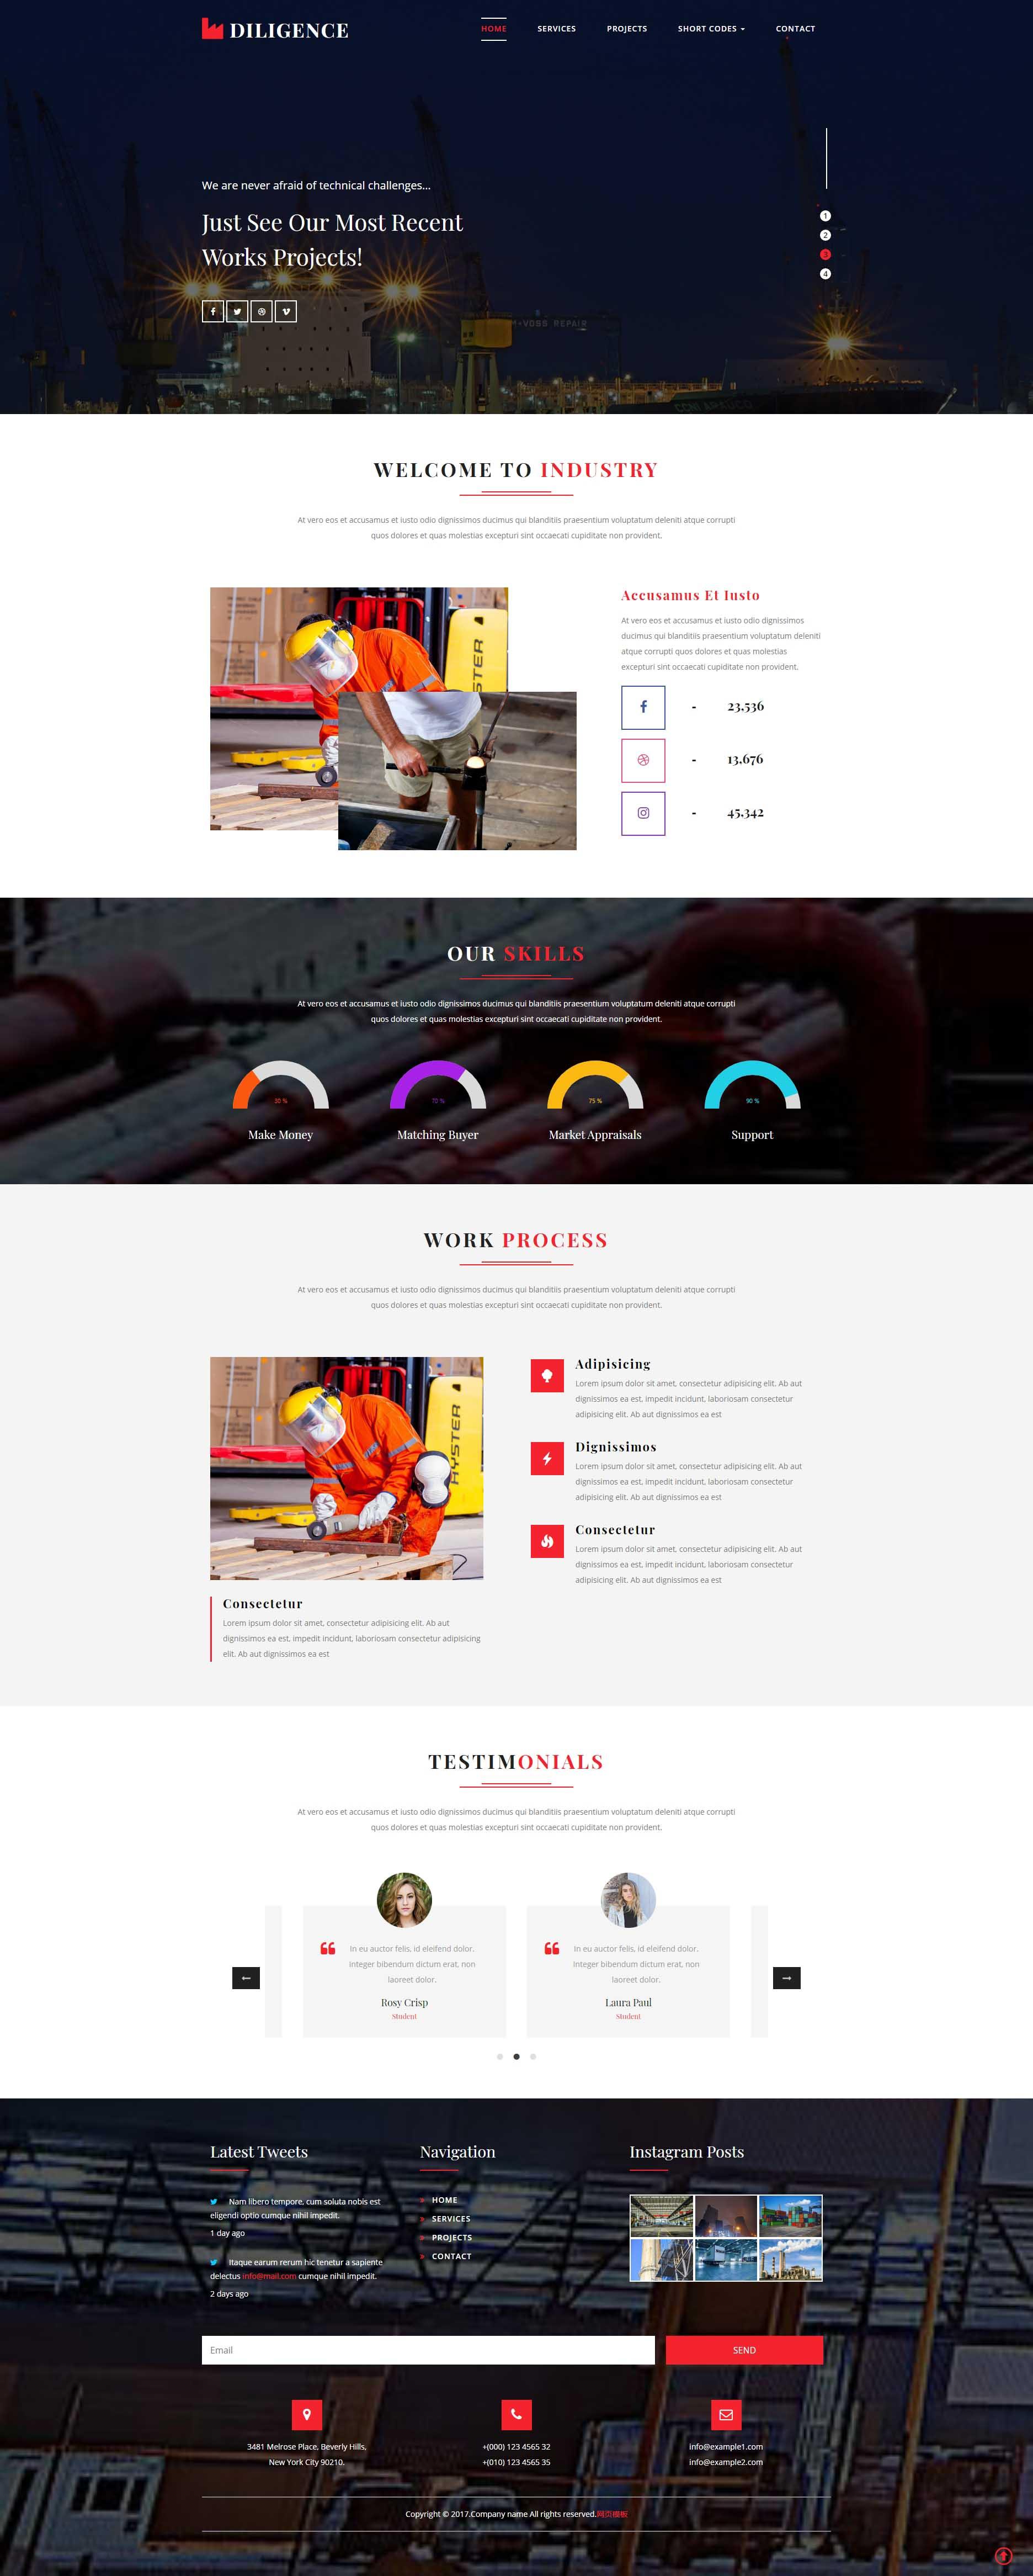 简单宽屏的工业生产集团网站模板